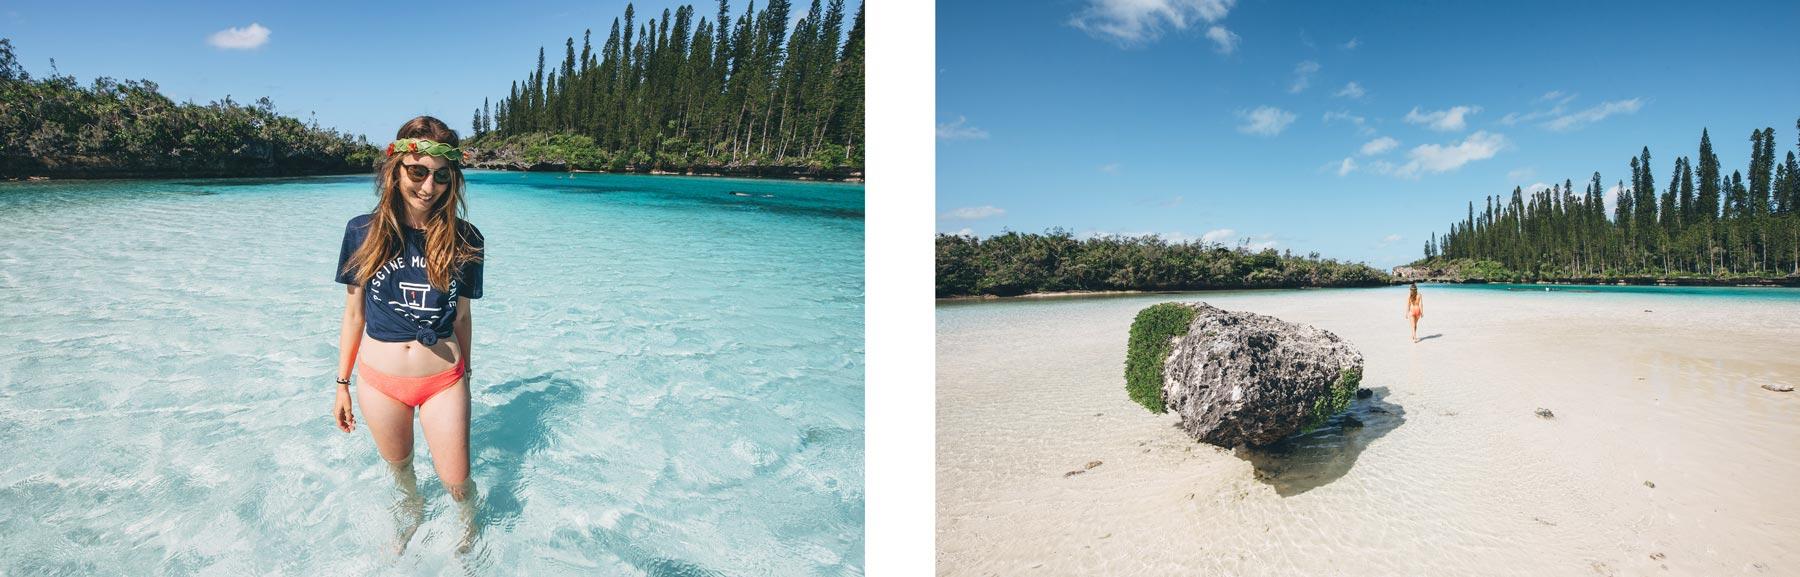 Ile des Pins, Piscine Naturelle, Nouvelle Calédonie